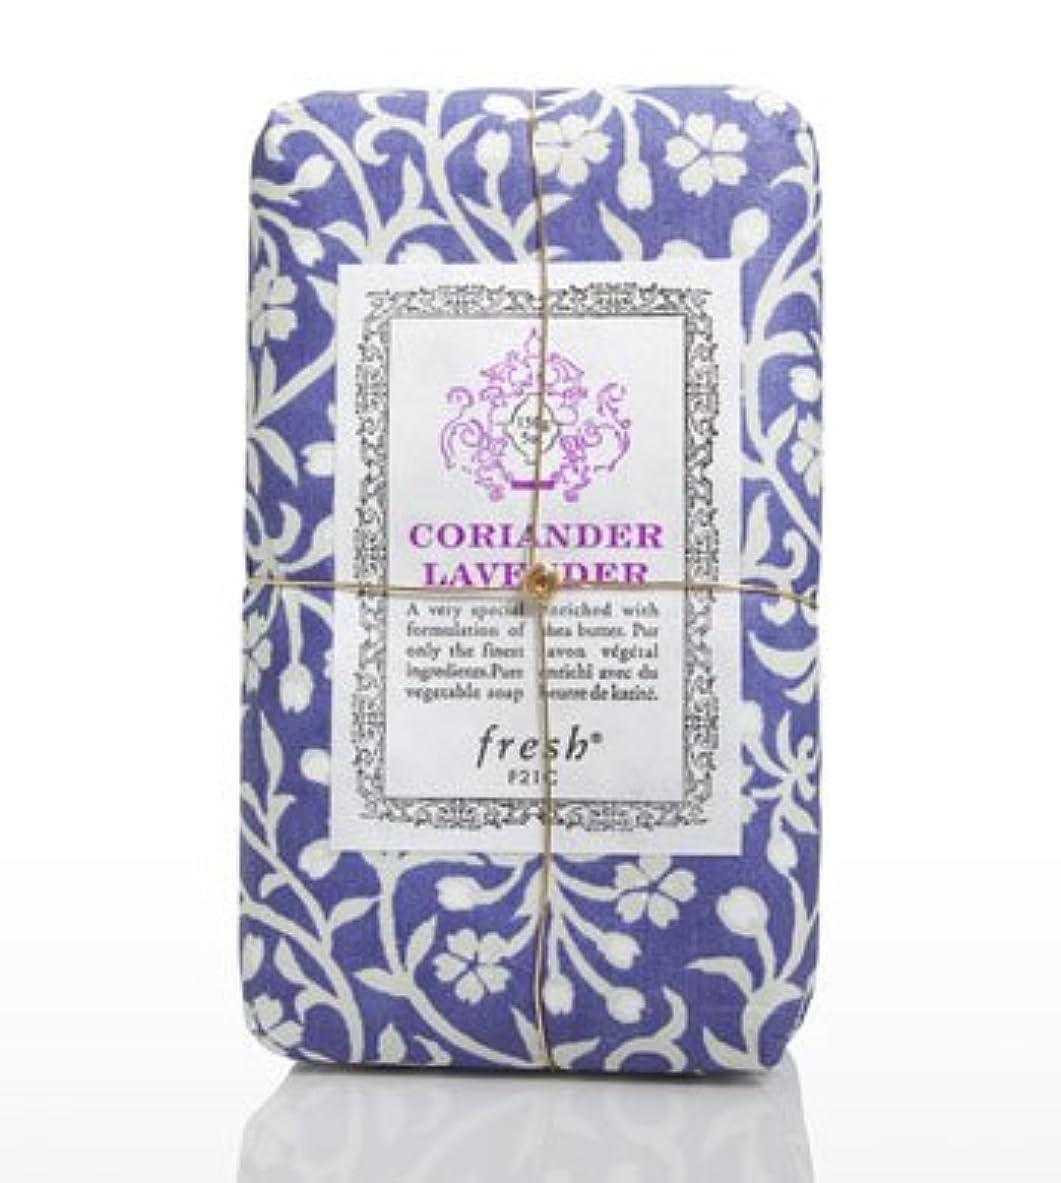 カビ決めます可動式Fresh CORIANDER LAVENDAR SOAP(フレッシュ コリアンダーラベンダー ソープ) 5.0 oz (150gl) 石鹸 by Fresh